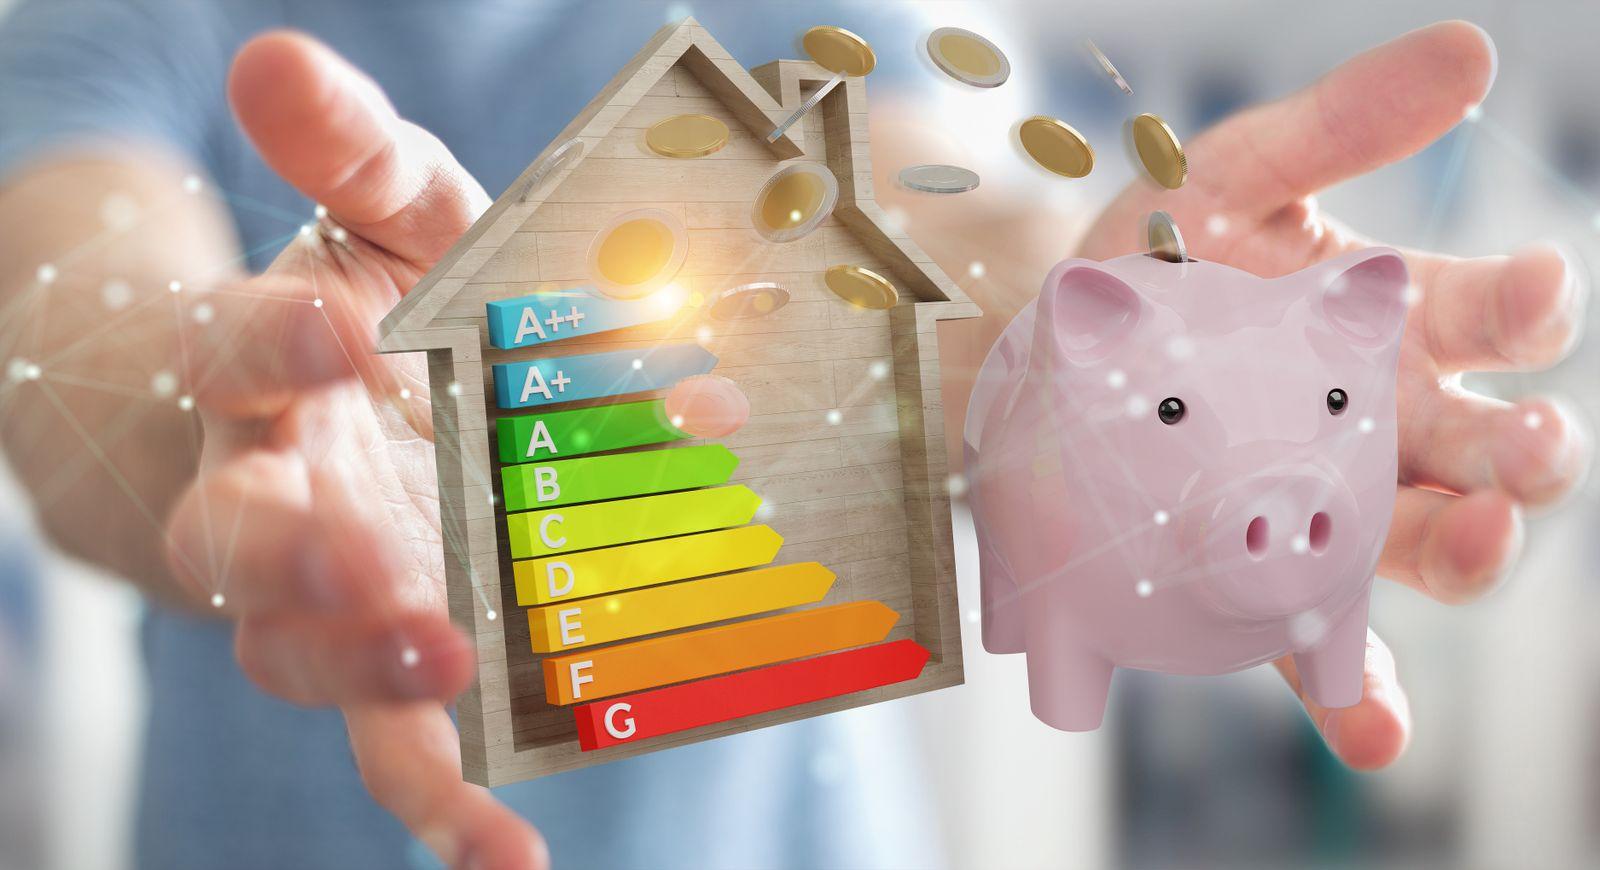 Programme ACTEE : des solutions pour engager et financer la rénovation énergétique des bâtiments publics